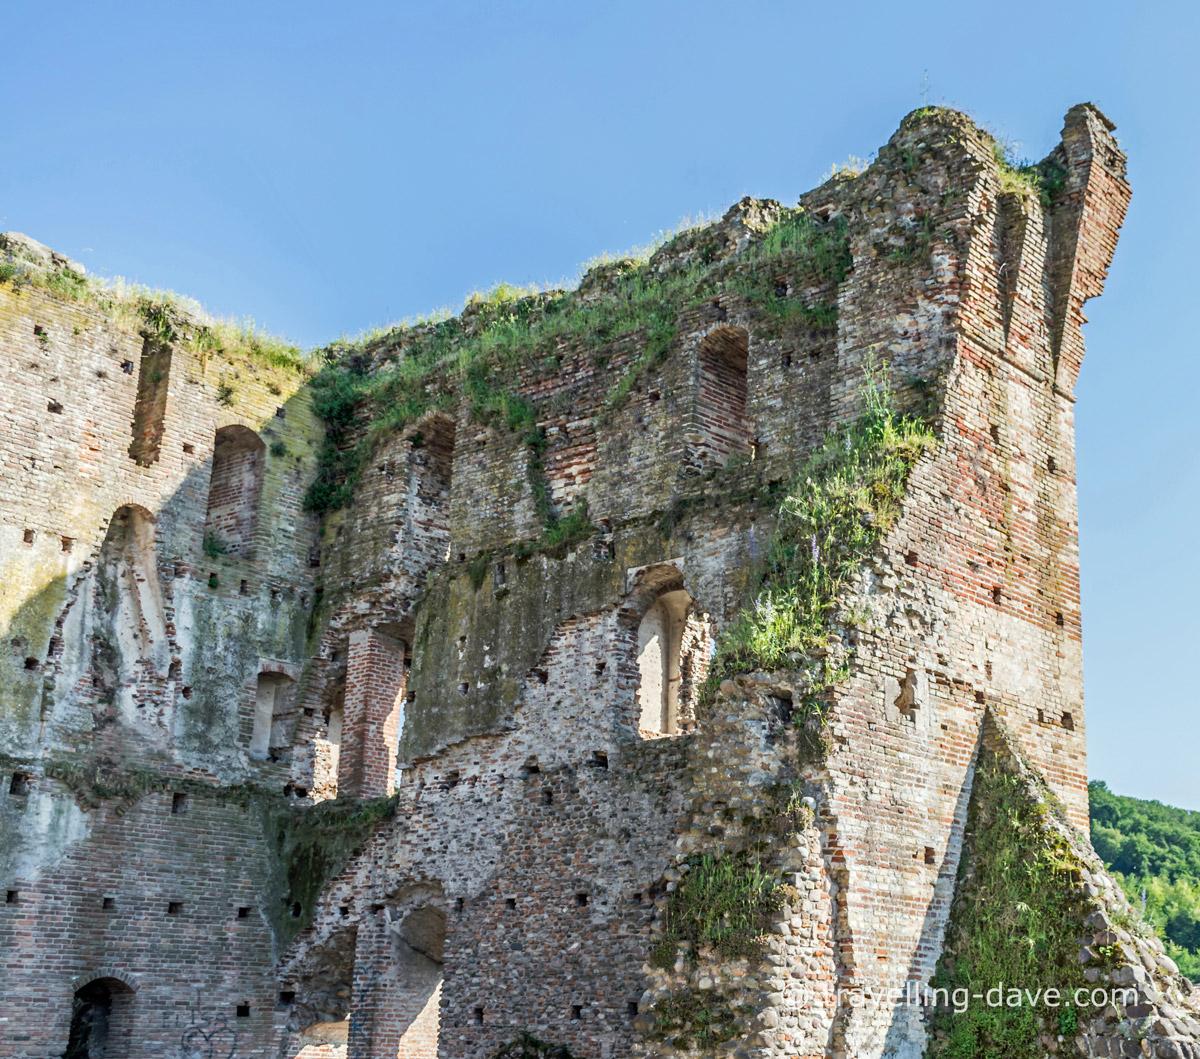 The ruins of the Visconti Bridge near Borghetto sul Mincio